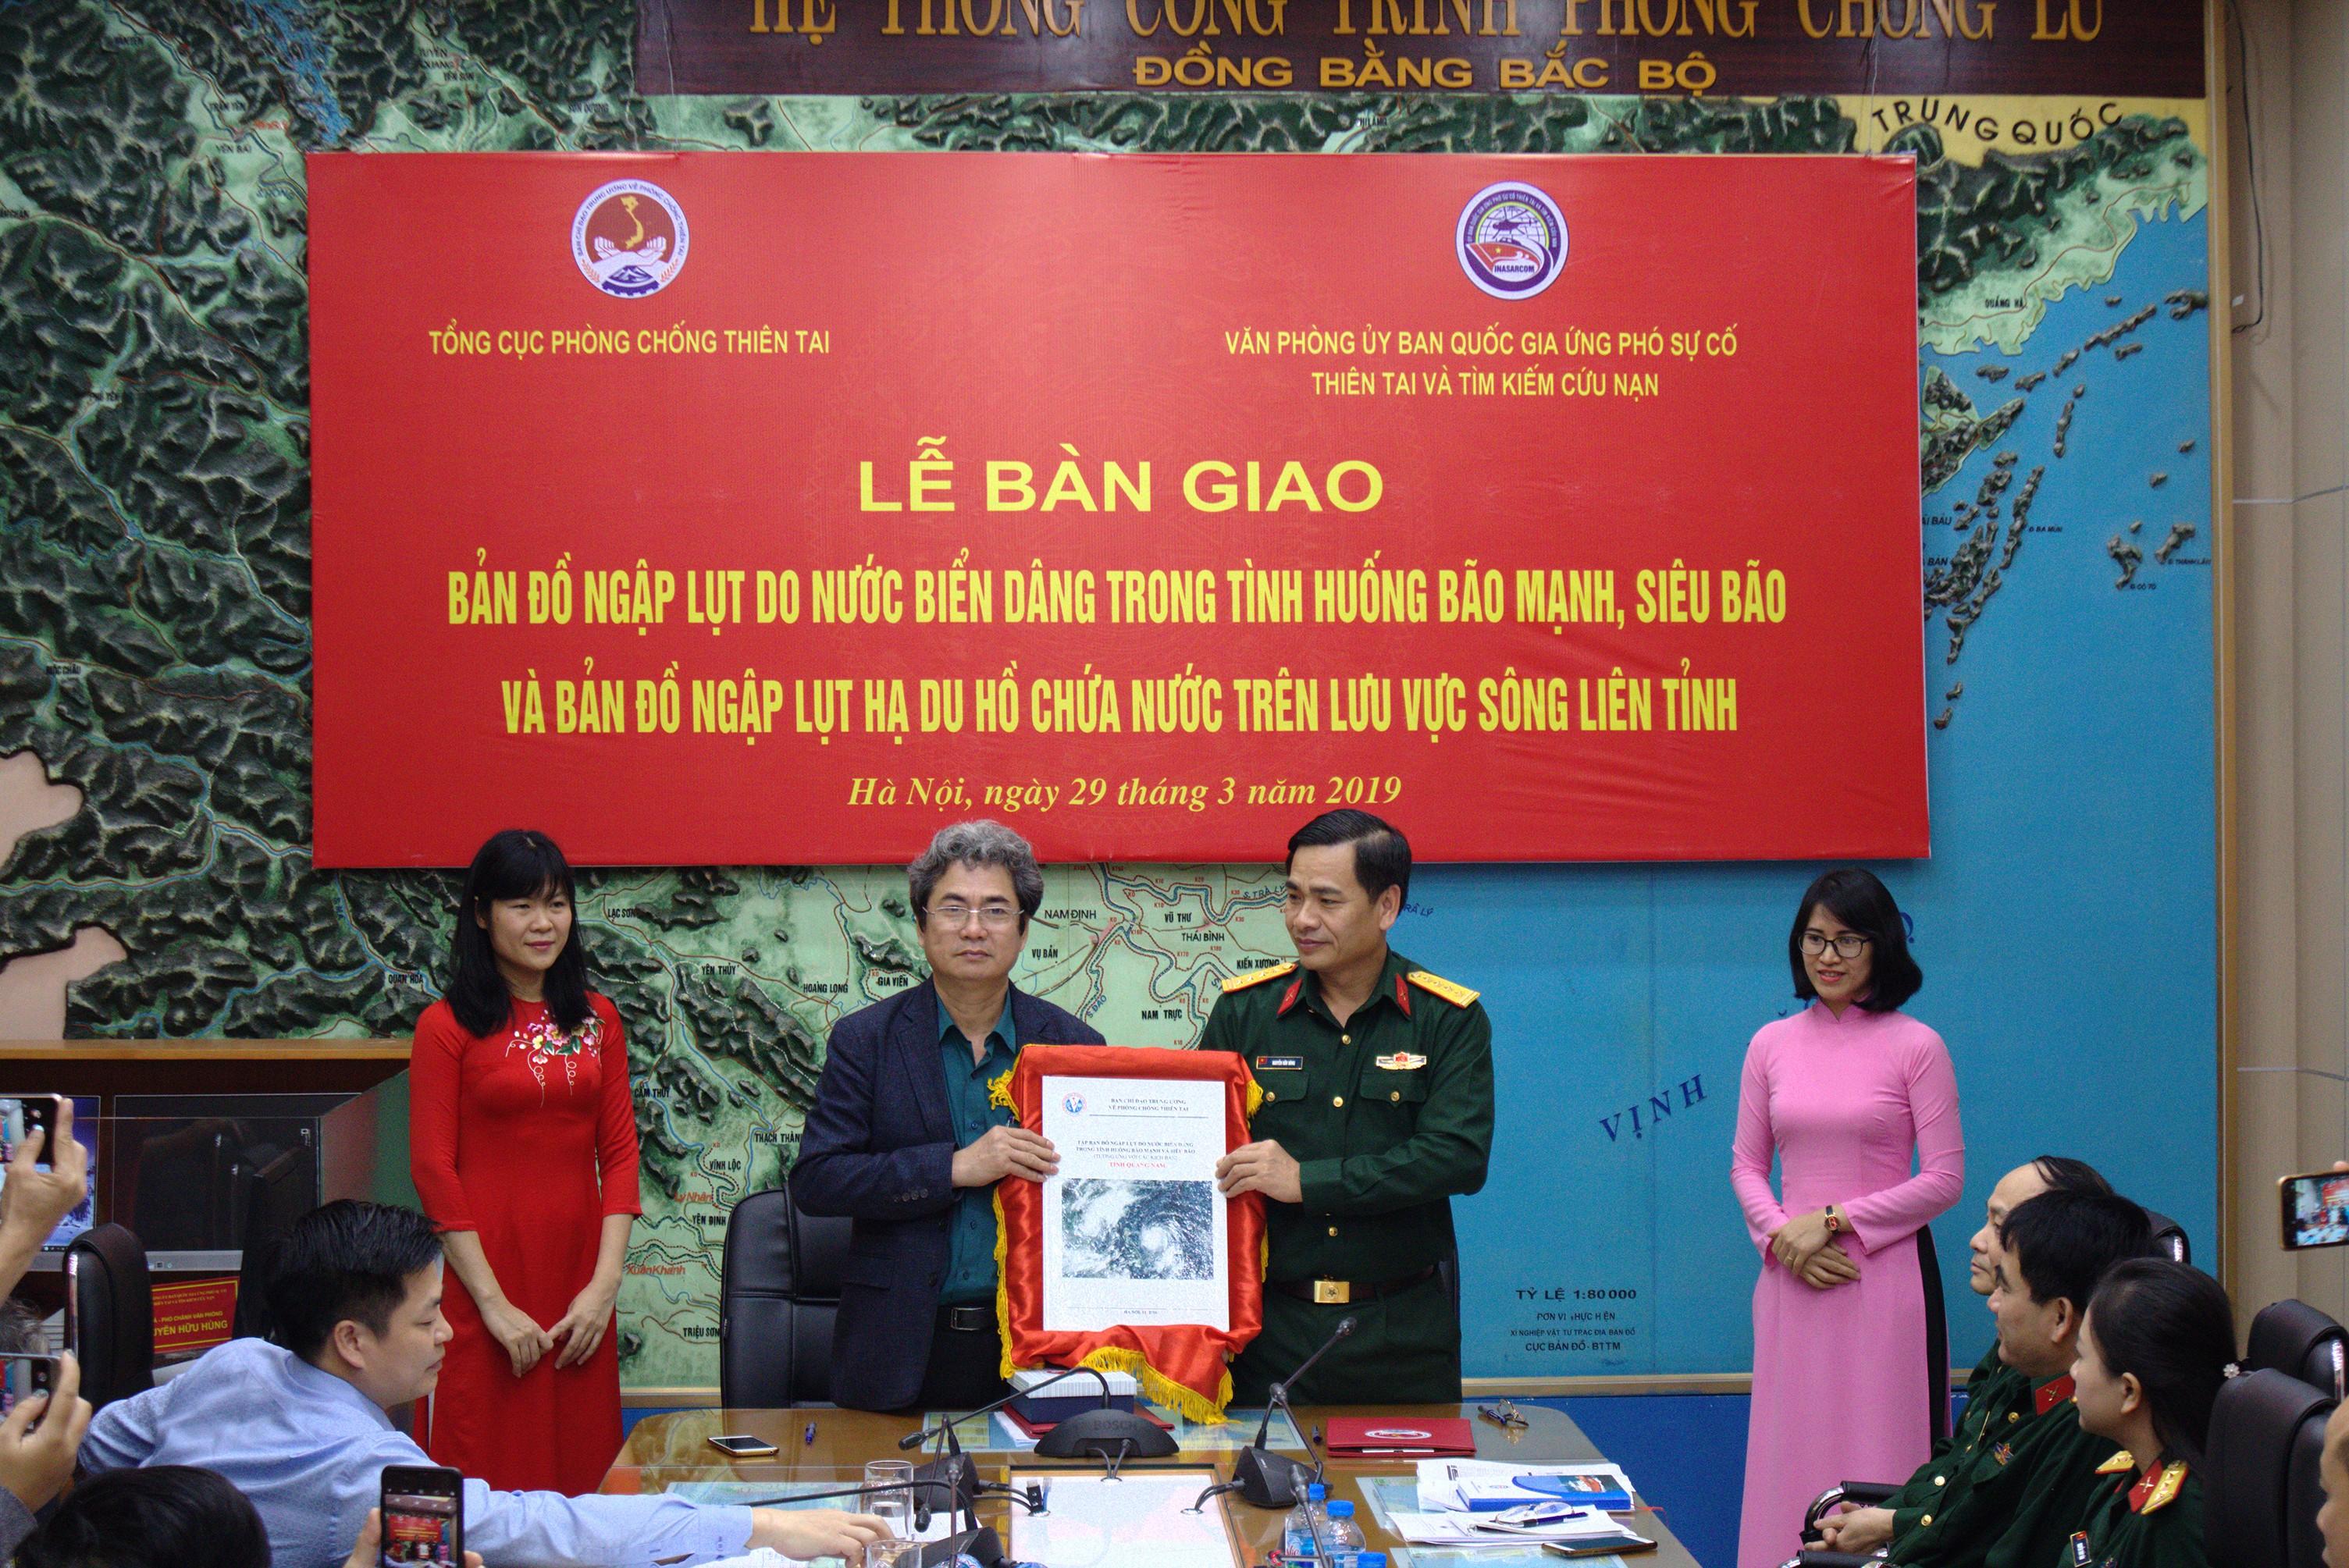 Ảnh: Hà Trang